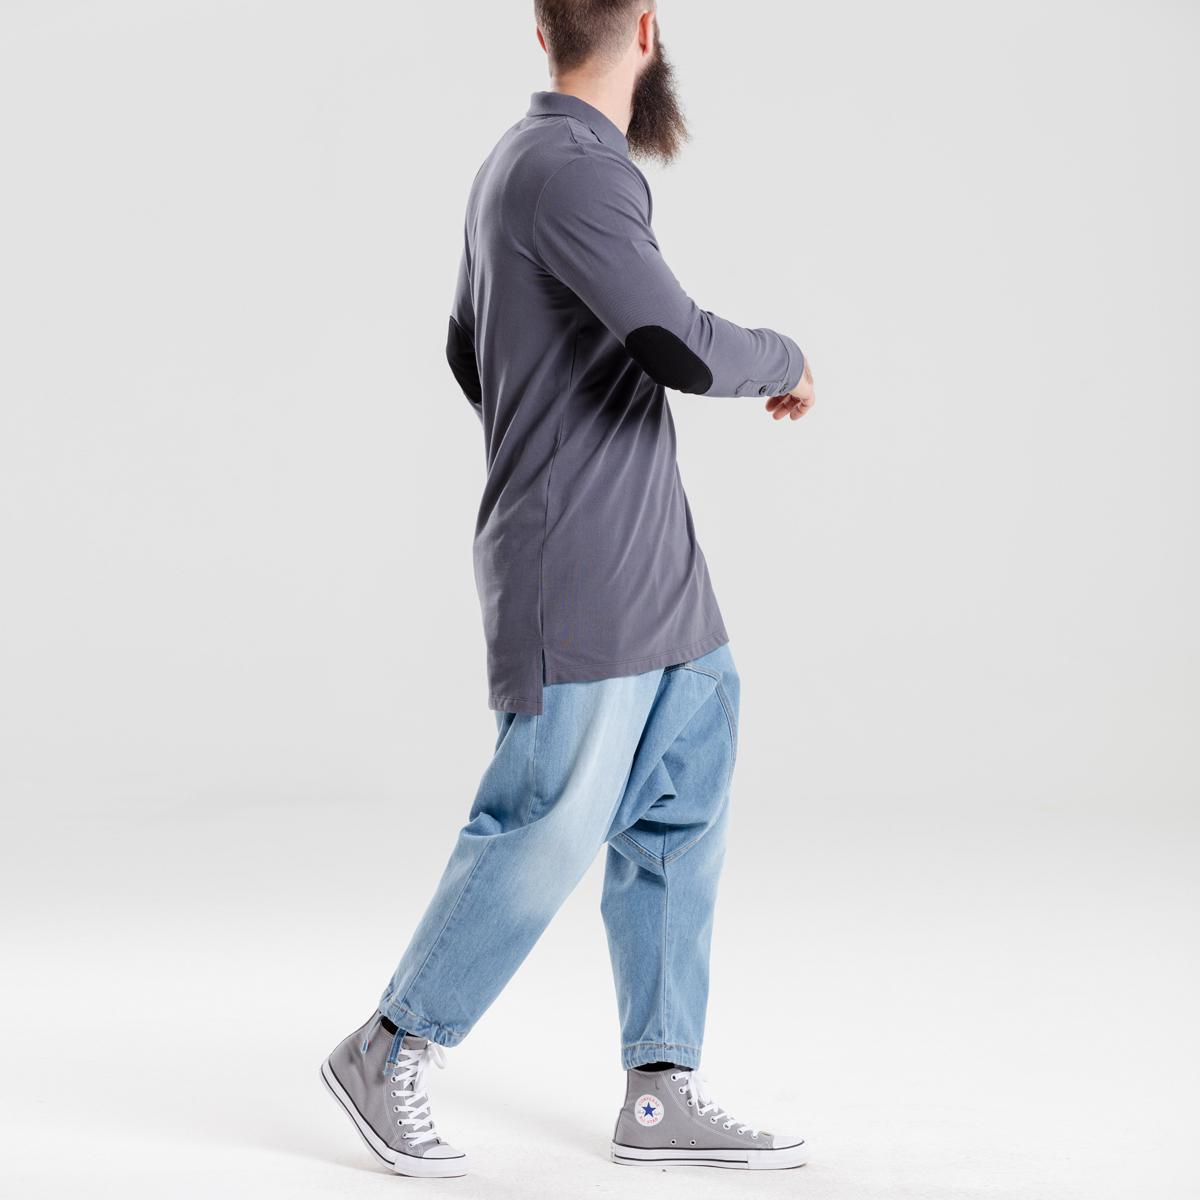 saroual jeans evo blitch dcjeans ensemble profil